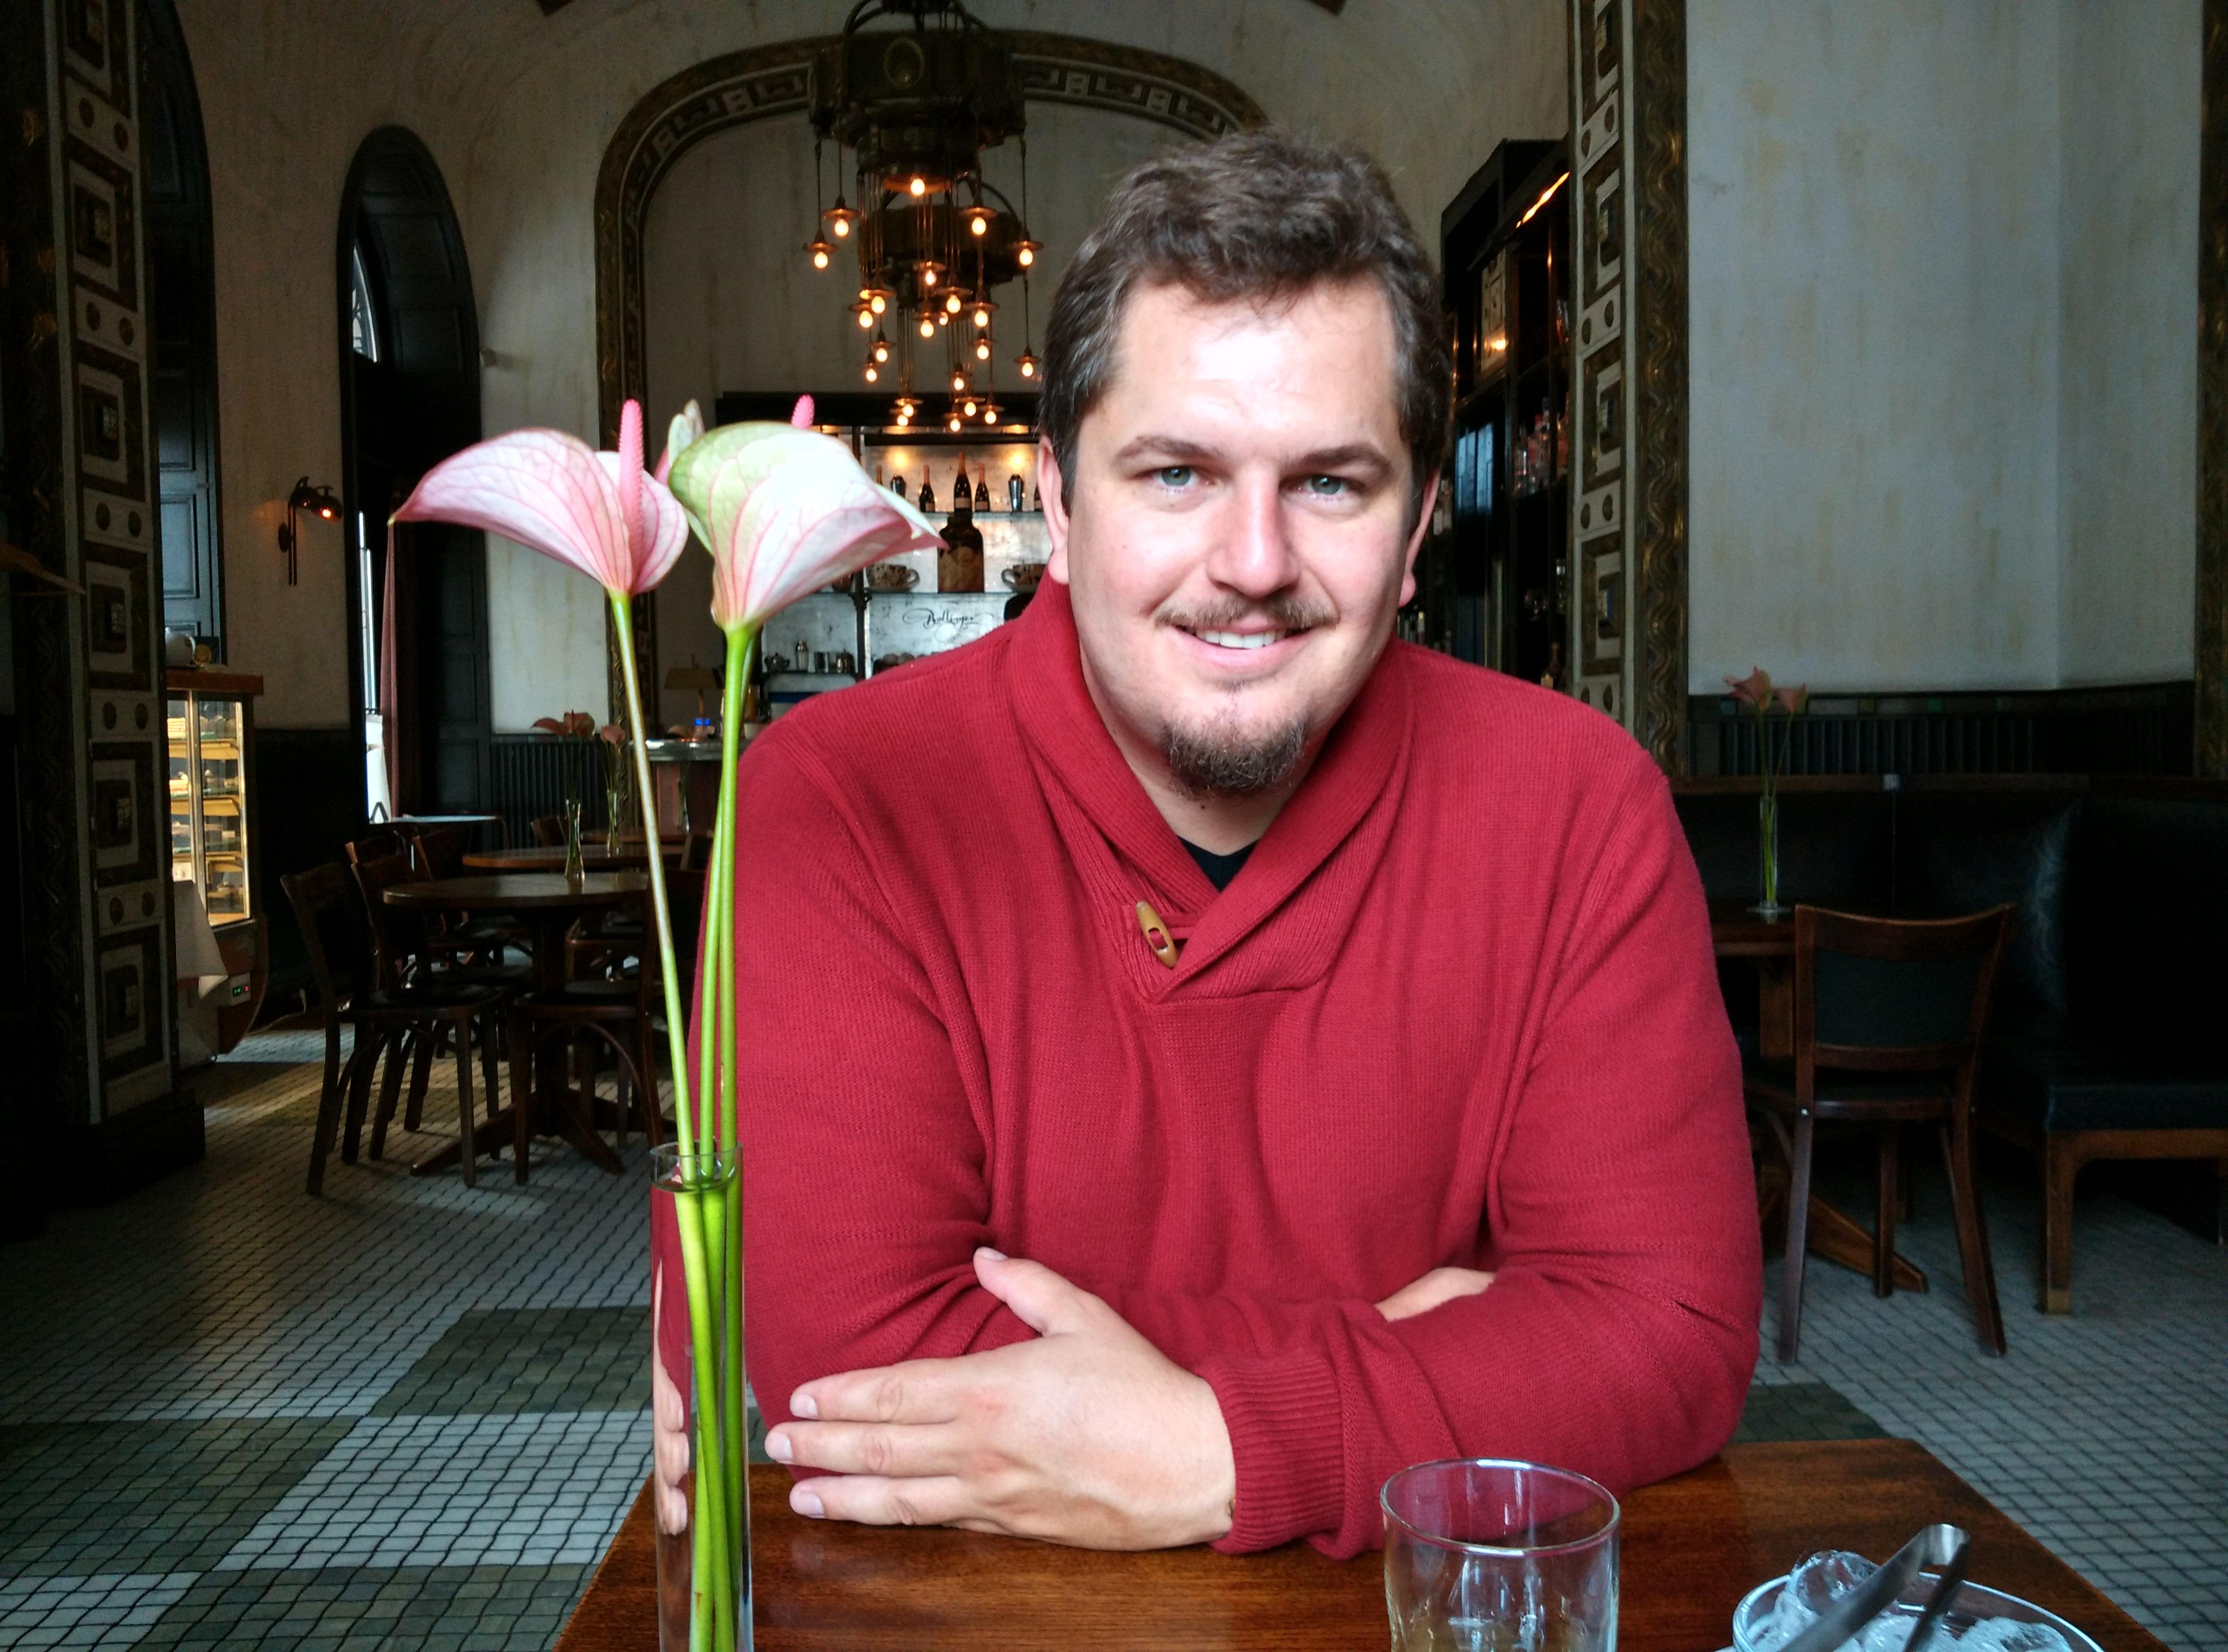 Thumbnail for Ben Clark participa en el Festival Poetas, que se celebrará en mayo en Madrid - Noudiari.es